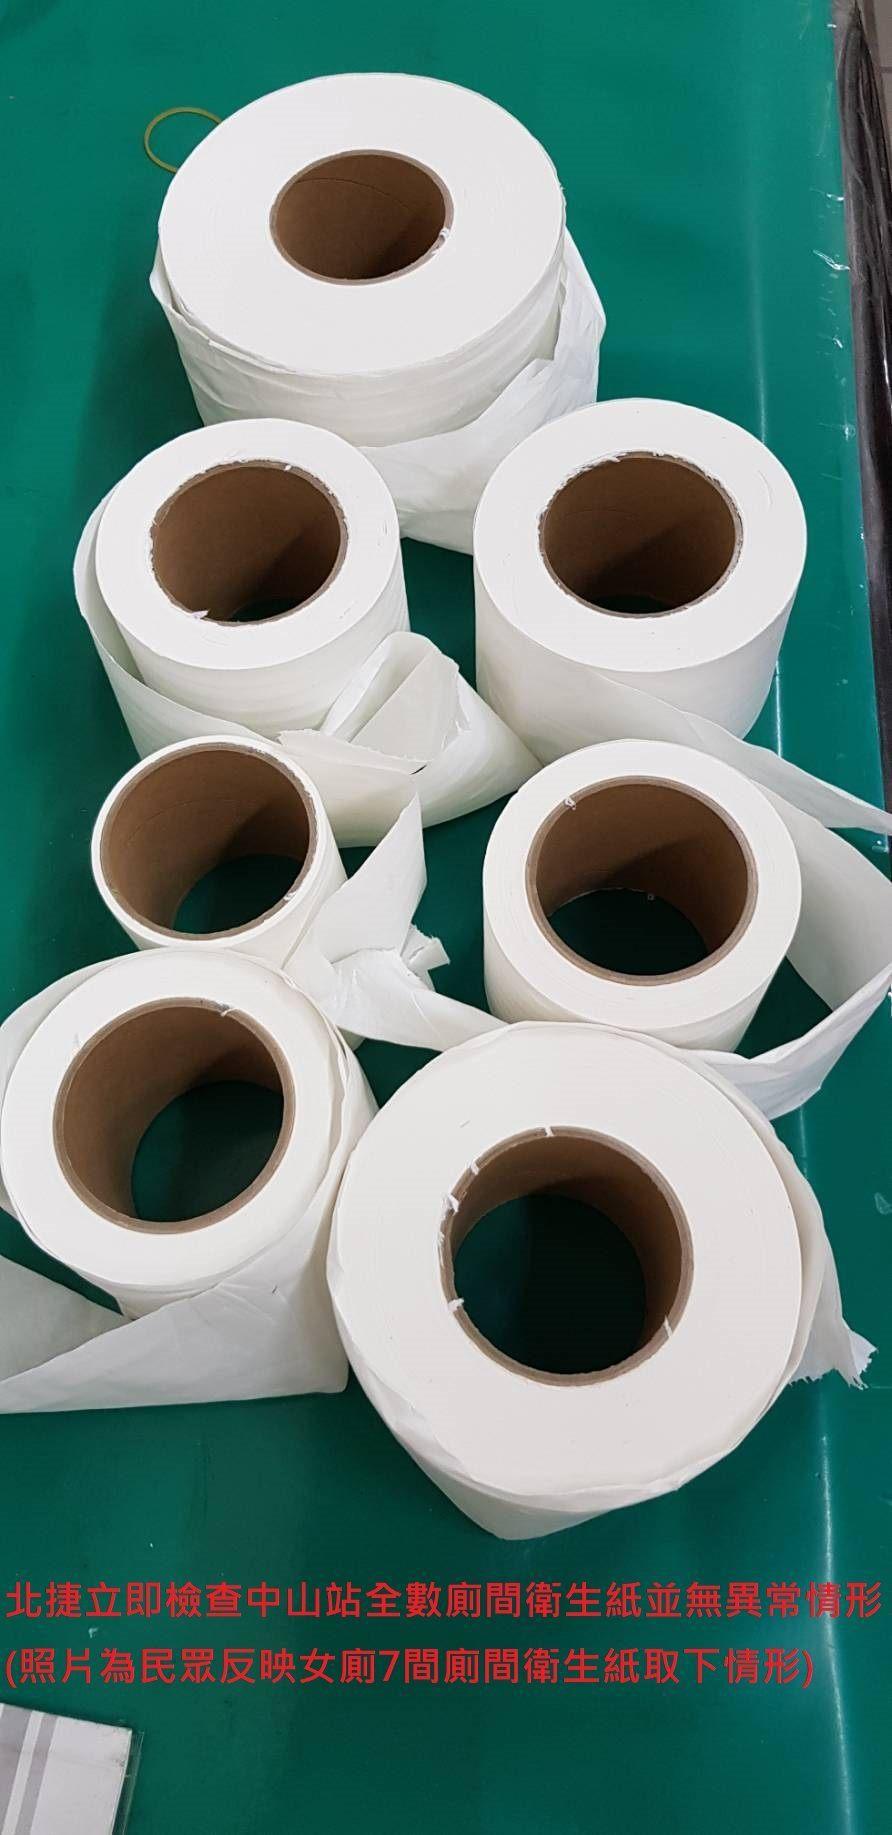 北捷表示,當日接獲民眾反映後,已將中山站所有廁間衛生紙捲全數取下檢查、留存,研判...